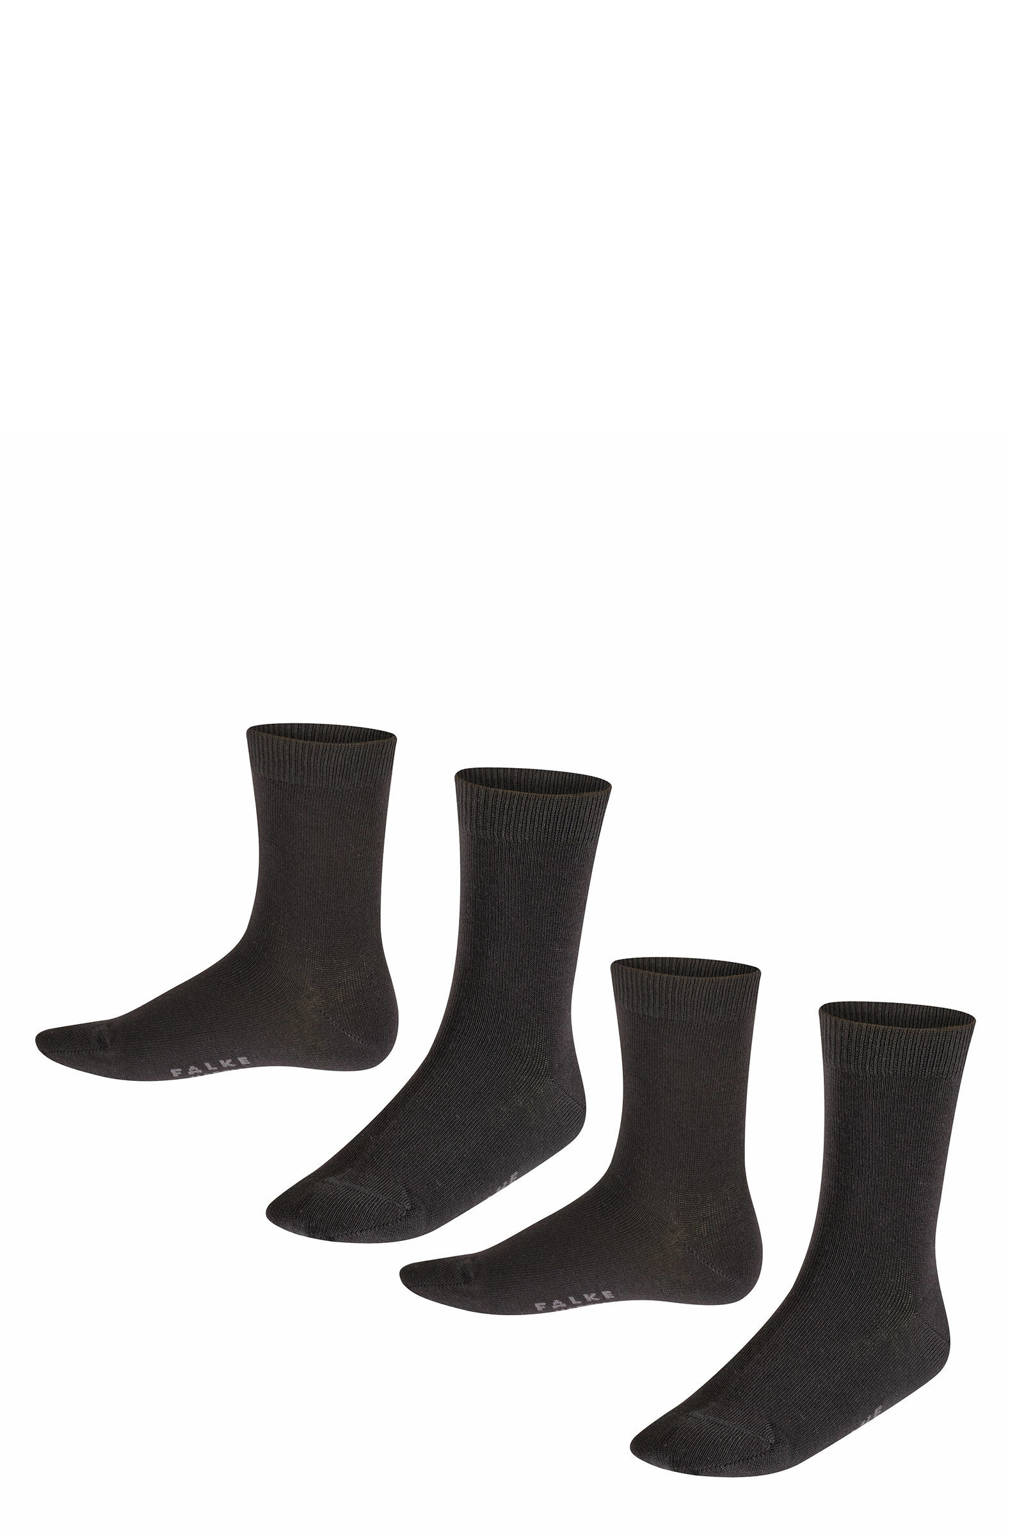 FALKE sokken set van twee paar zwart, Zwart